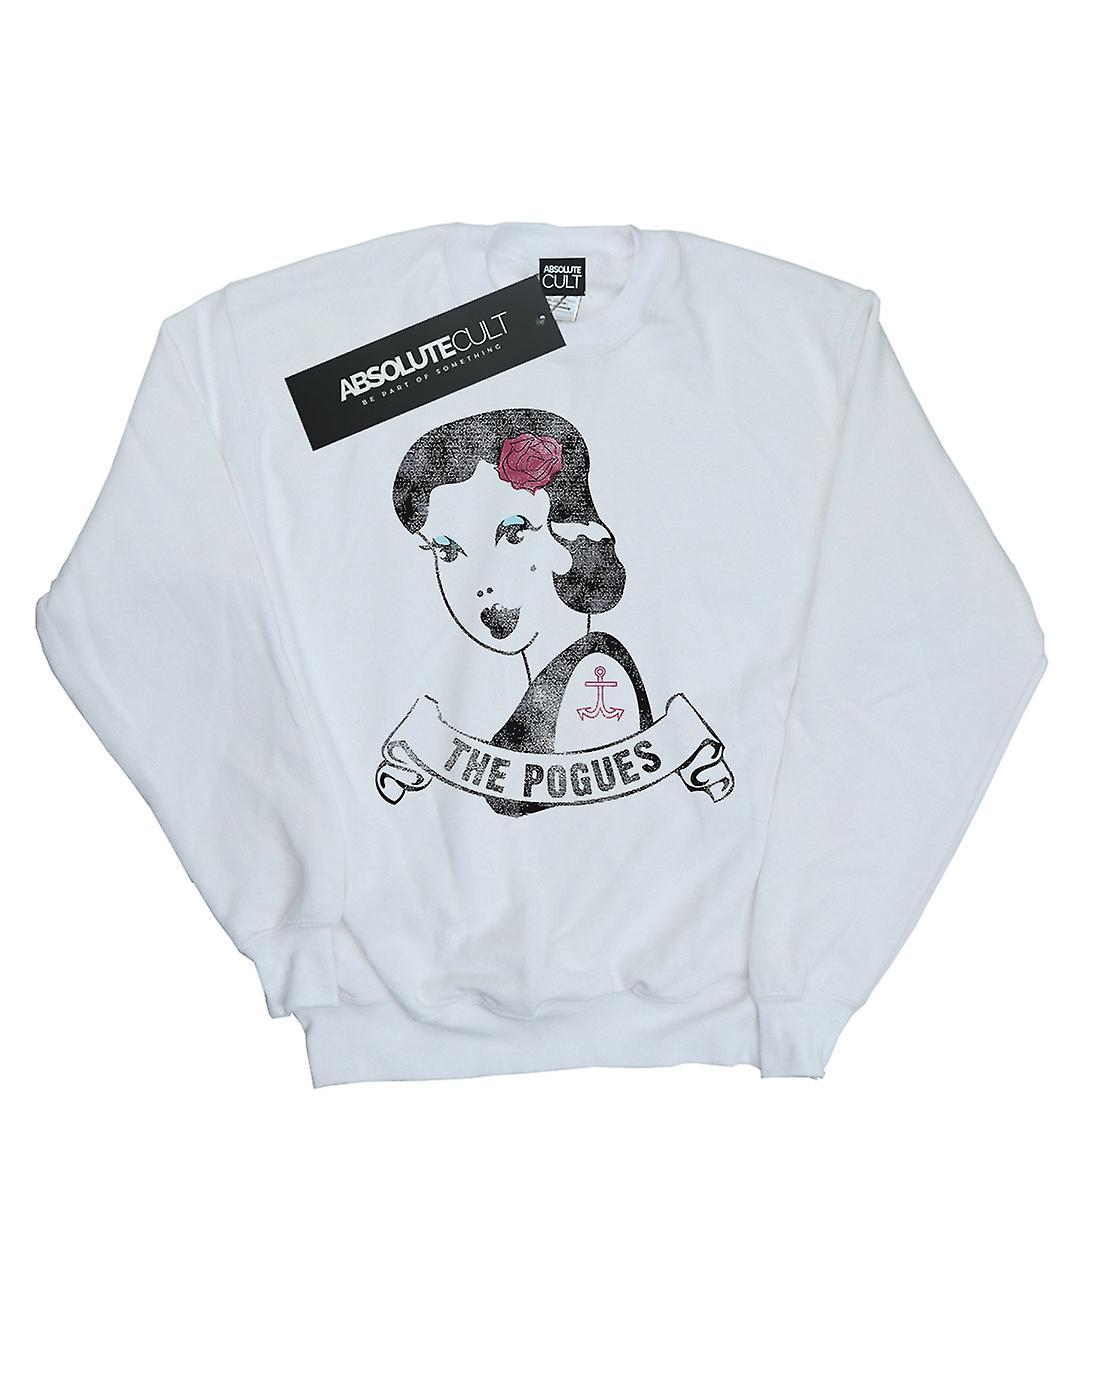 The Pogues Women's Tattoo Girl Sweatshirt